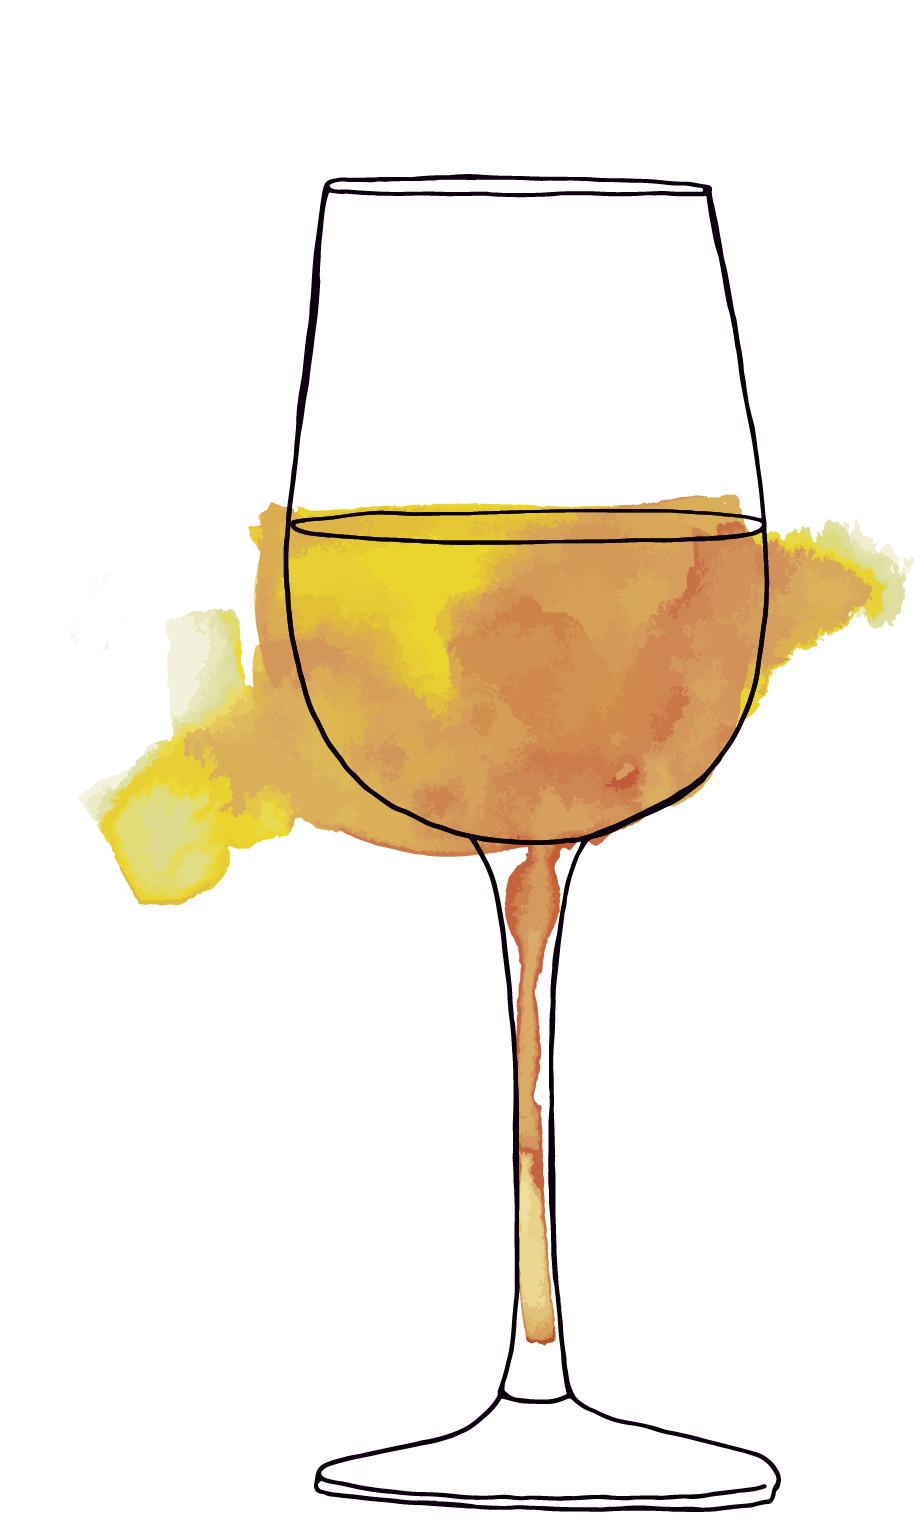 פנאי פסטיבל יין הלבן